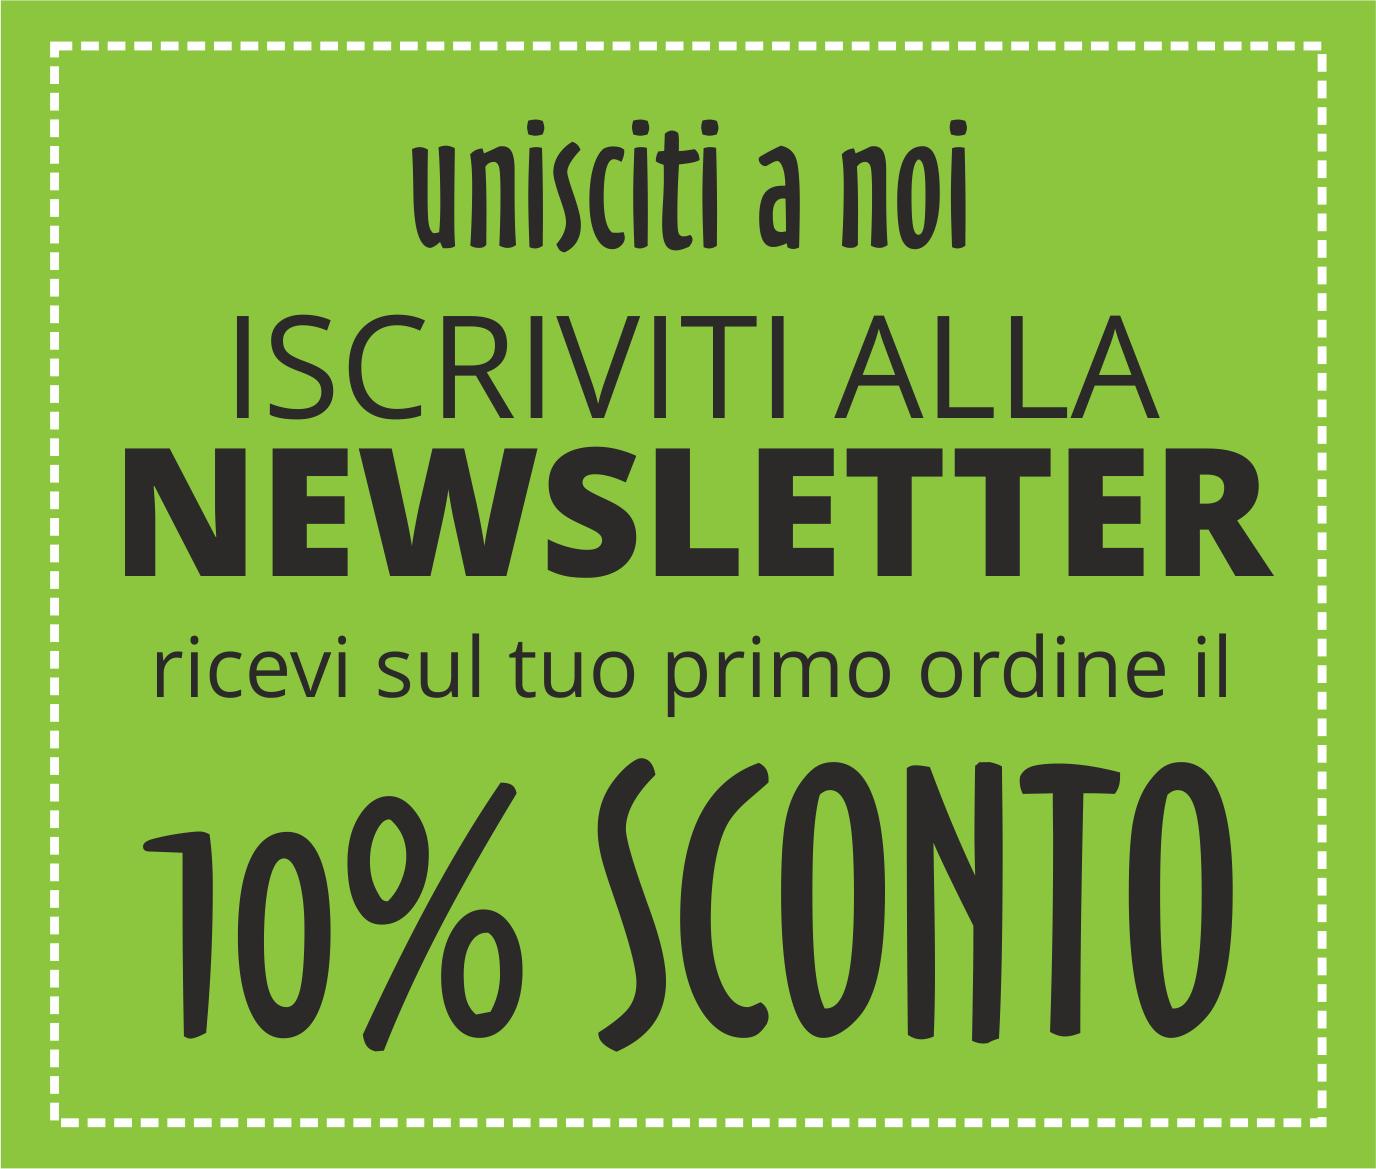 iscriviti newsletter sconto 10%